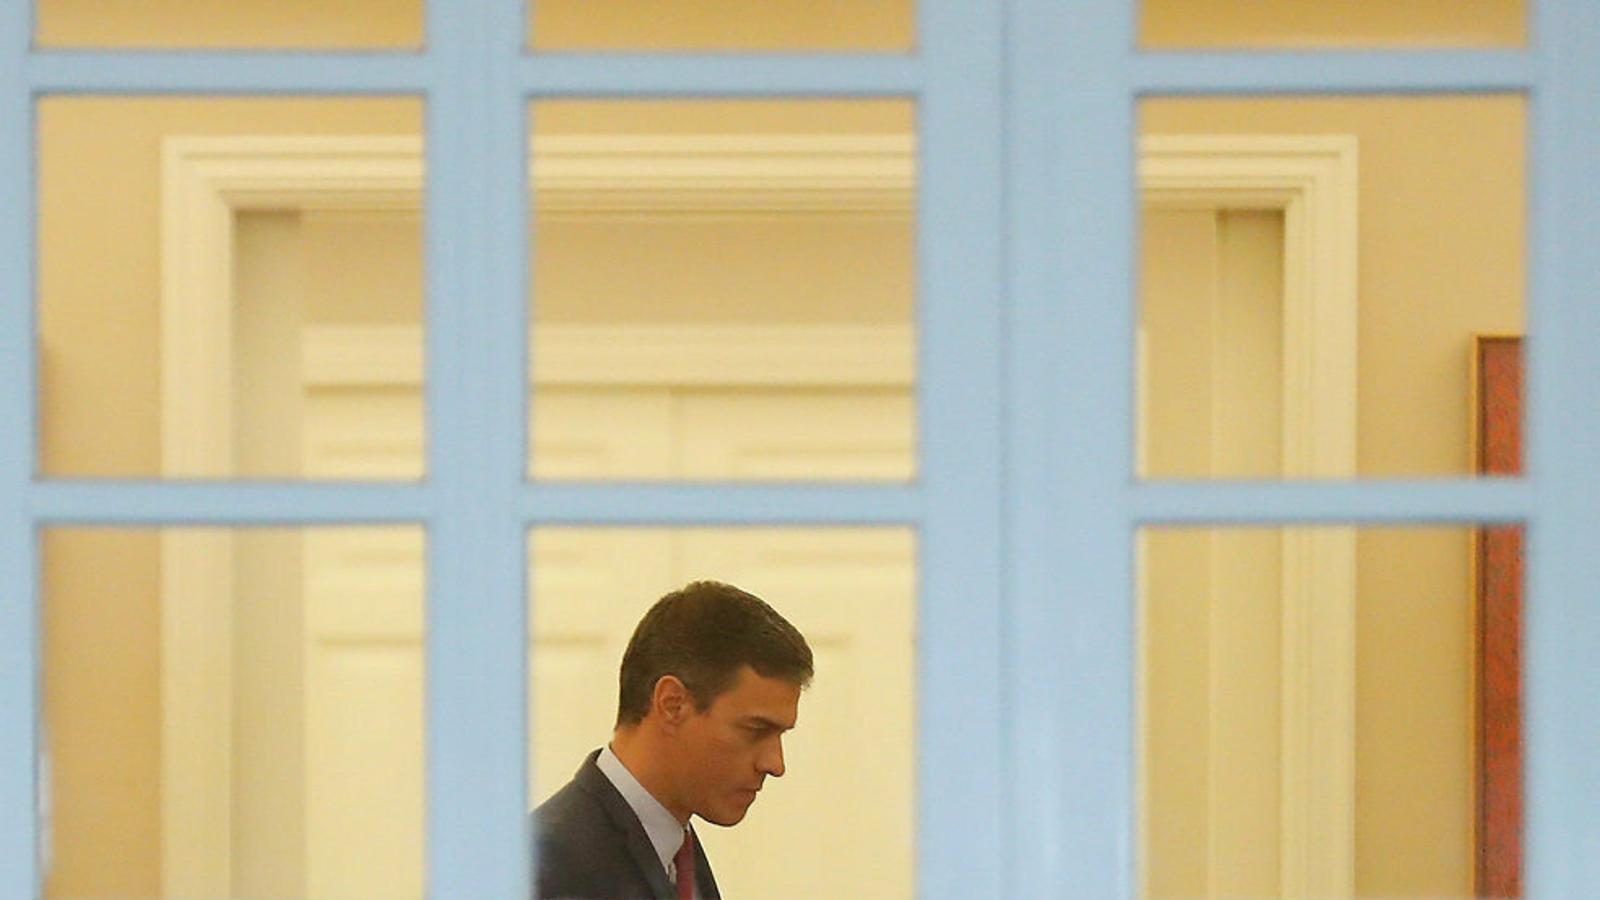 Pedro Sánchez passejant reflexiu pels passadissos de la Moncloa.